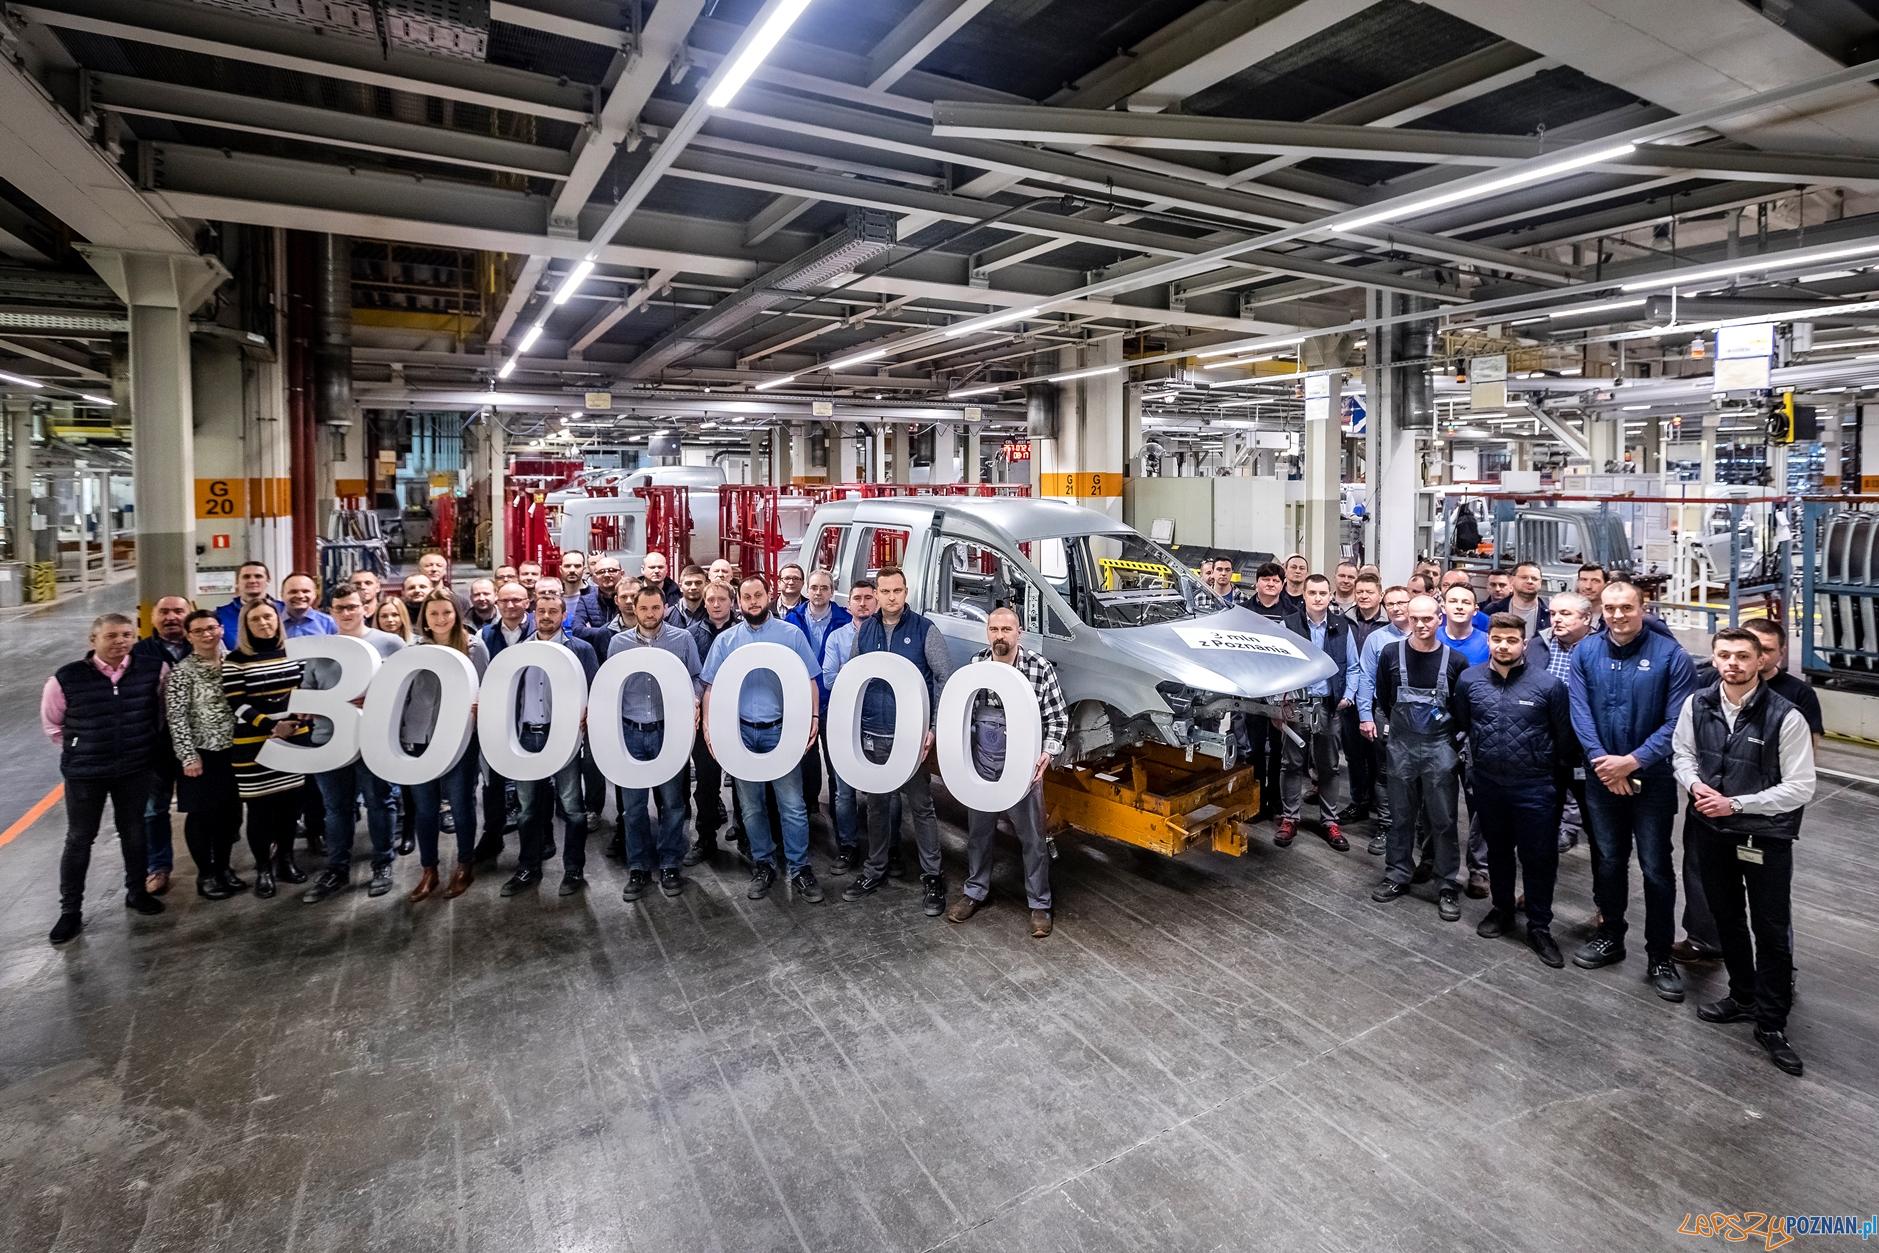 2019 volkswagen 3milionowy caddy - spawalnia  Foto: materiały prasowe / VW Poznań